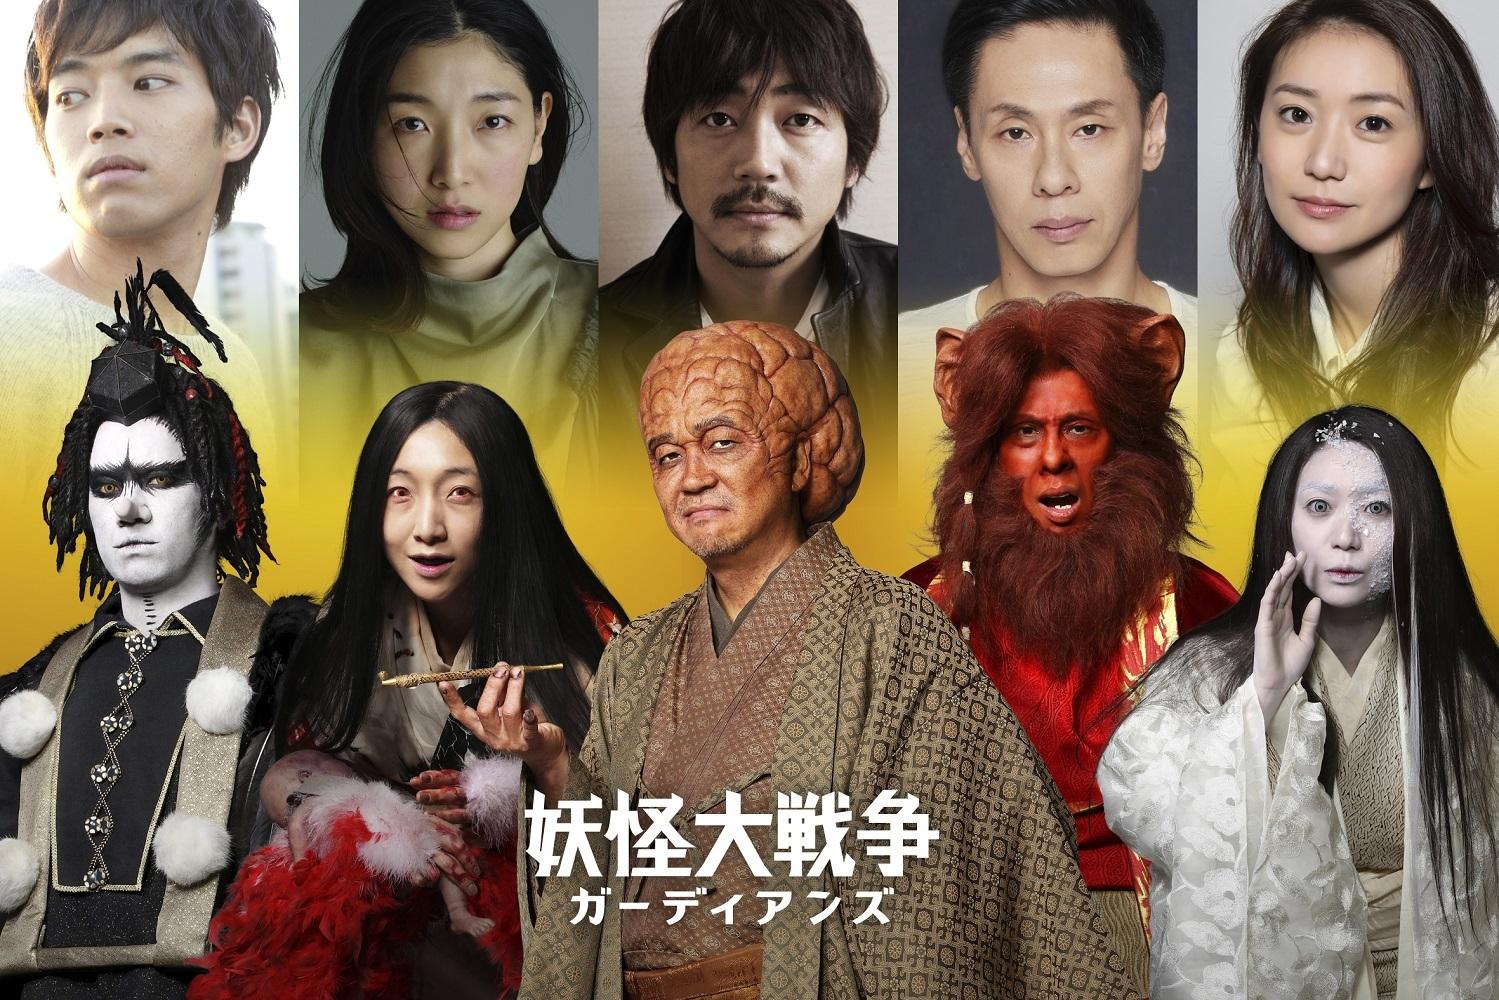 左から、三浦貴大、大森南朋、安藤サクラ、大倉孝二、大島優子 (C)2021『妖怪大戦争』ガーディアンズ